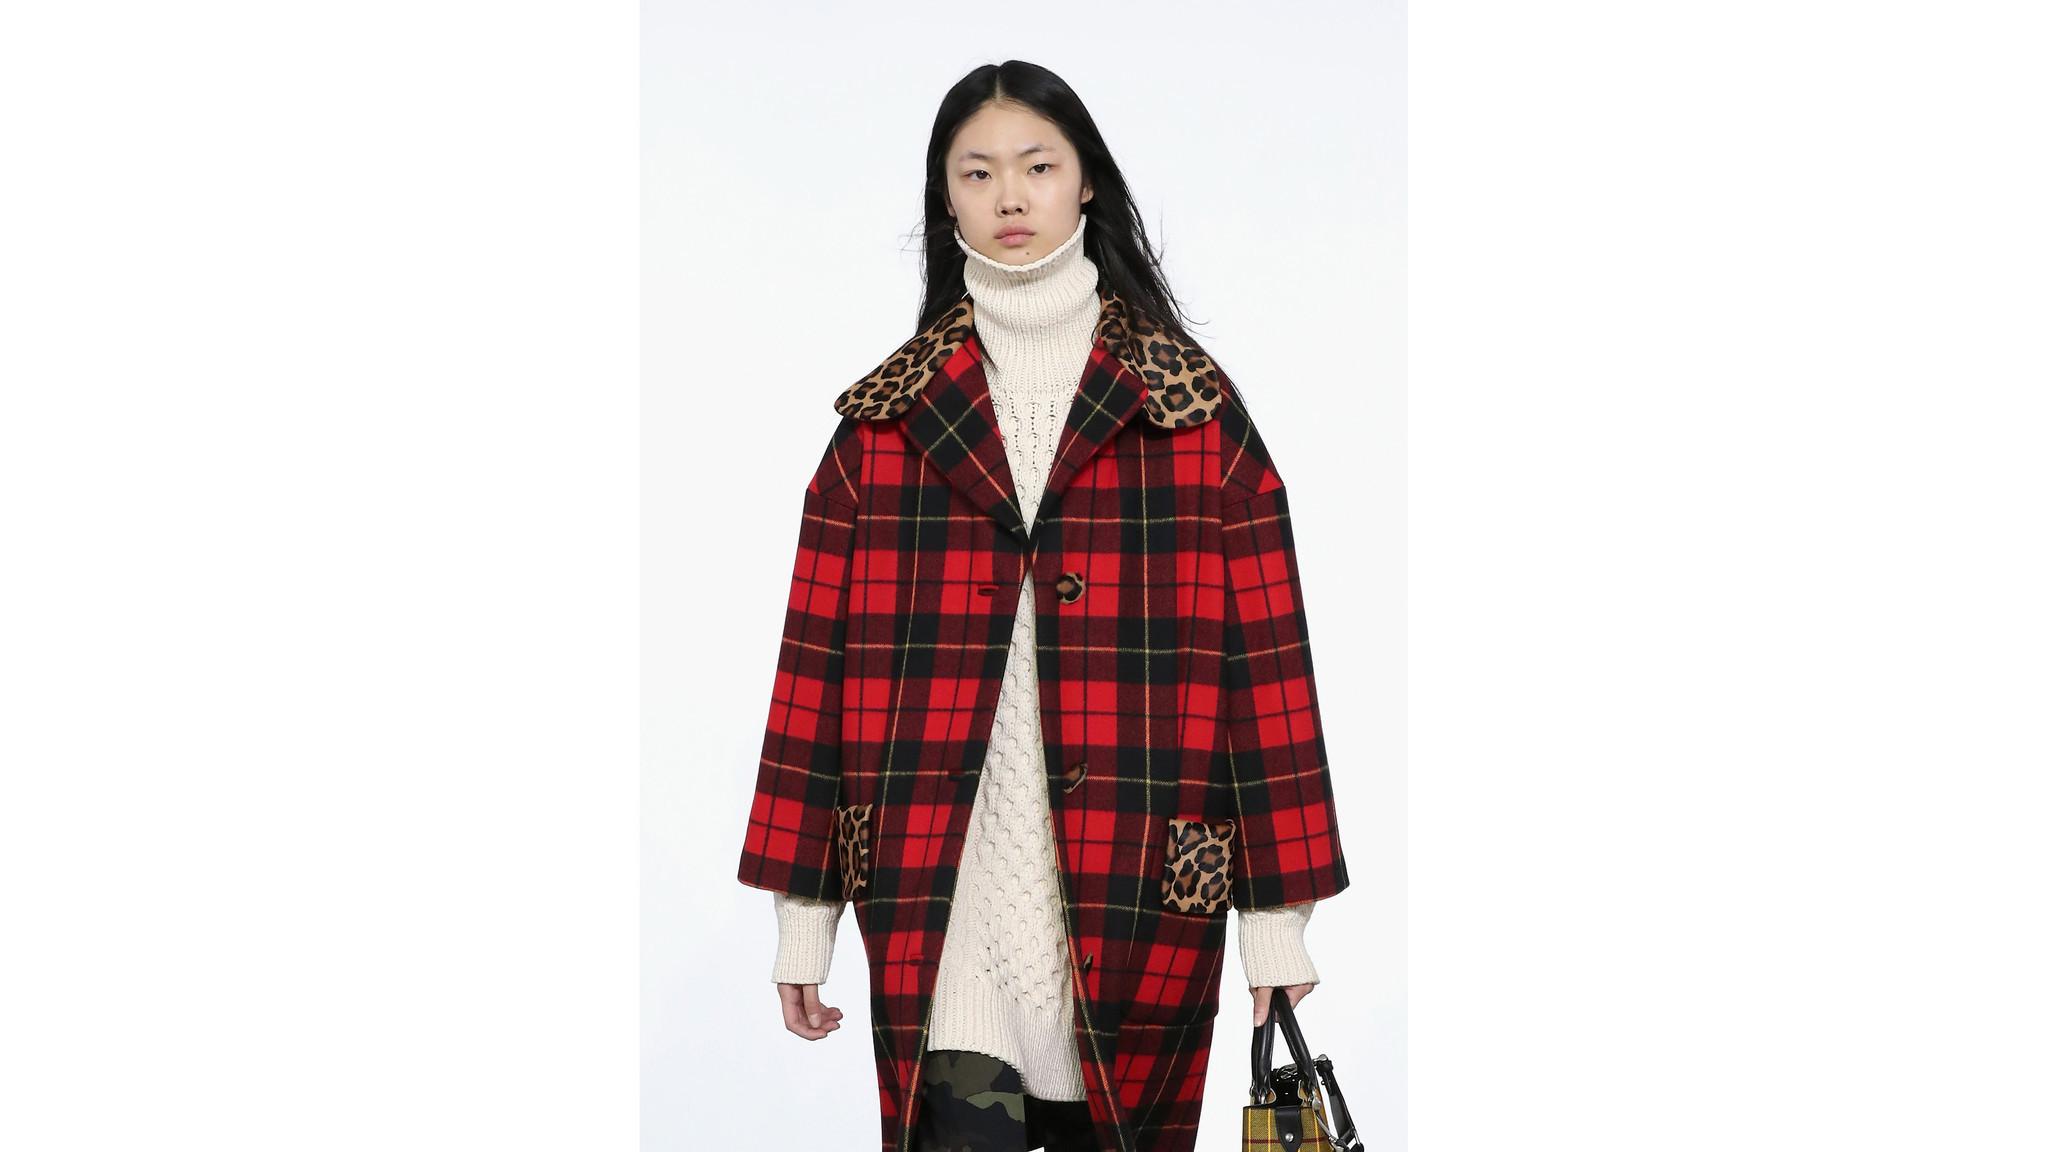 Top 5 winter coat trends